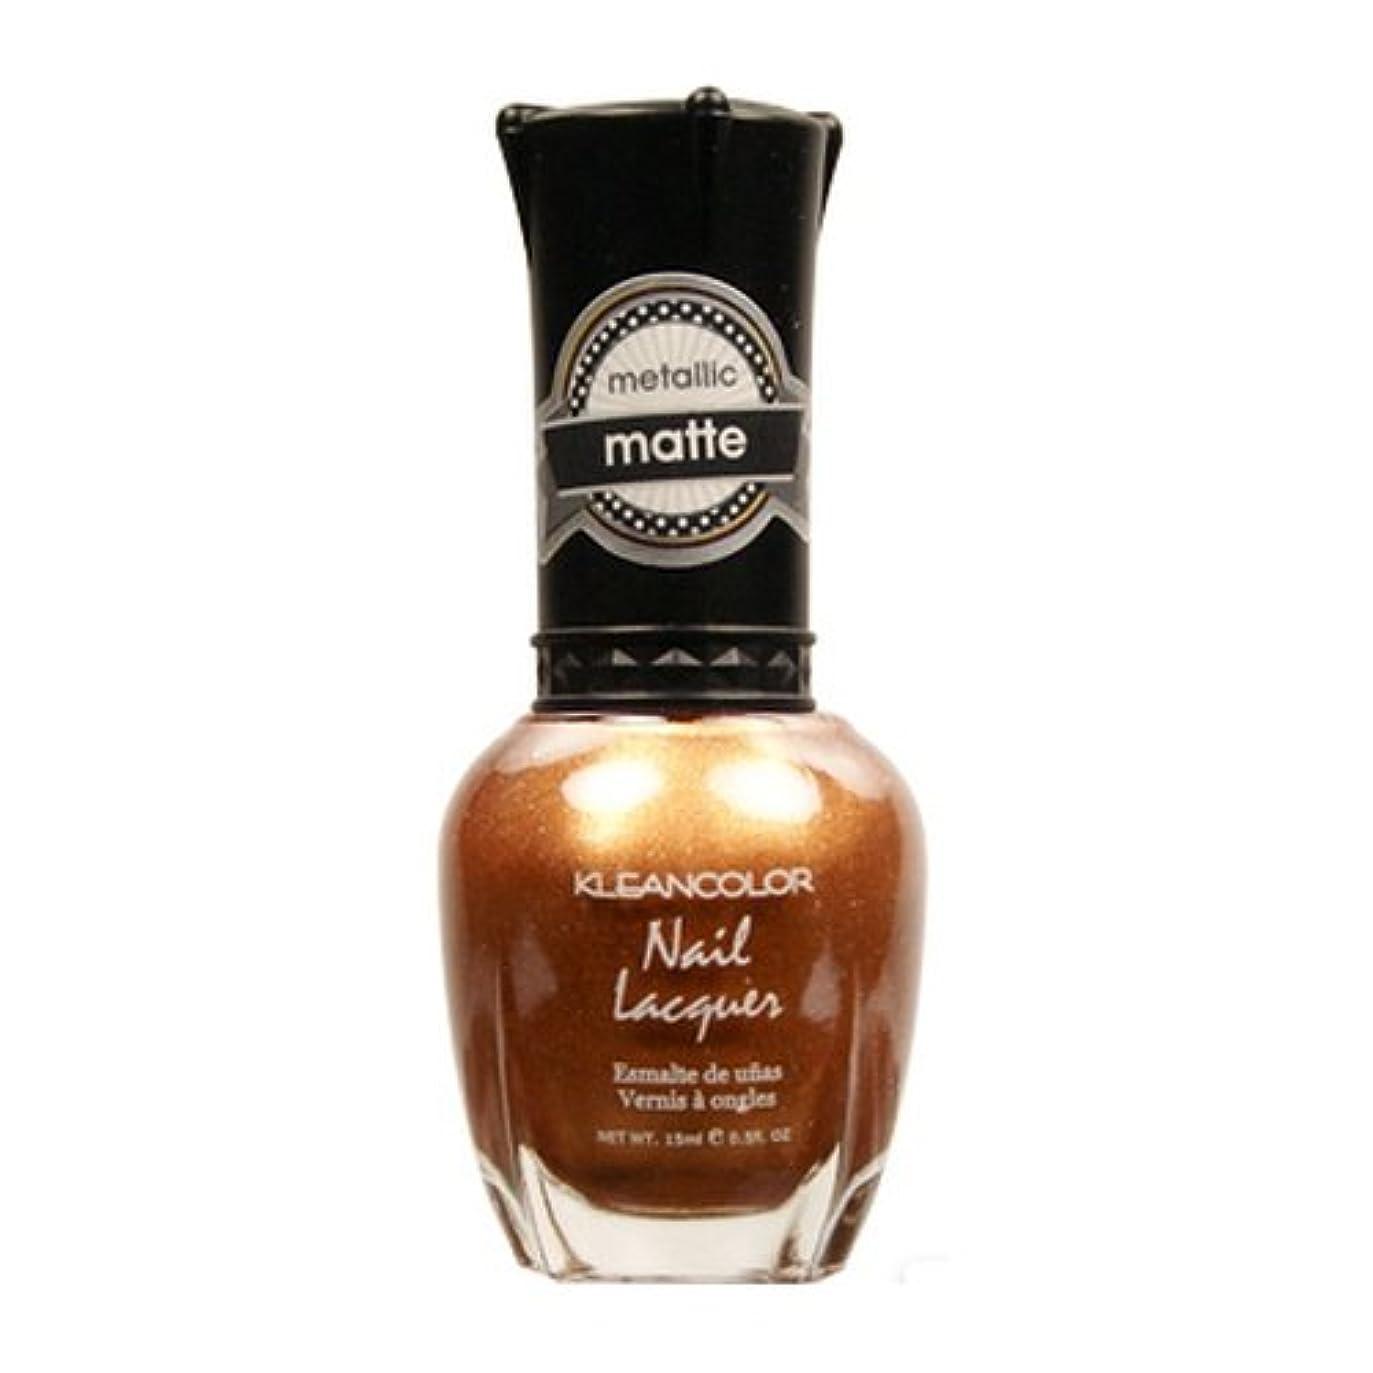 鹿捨てる放送(6 Pack) KLEANCOLOR Matte Nail Lacquer - Life in Gold Castle (並行輸入品)